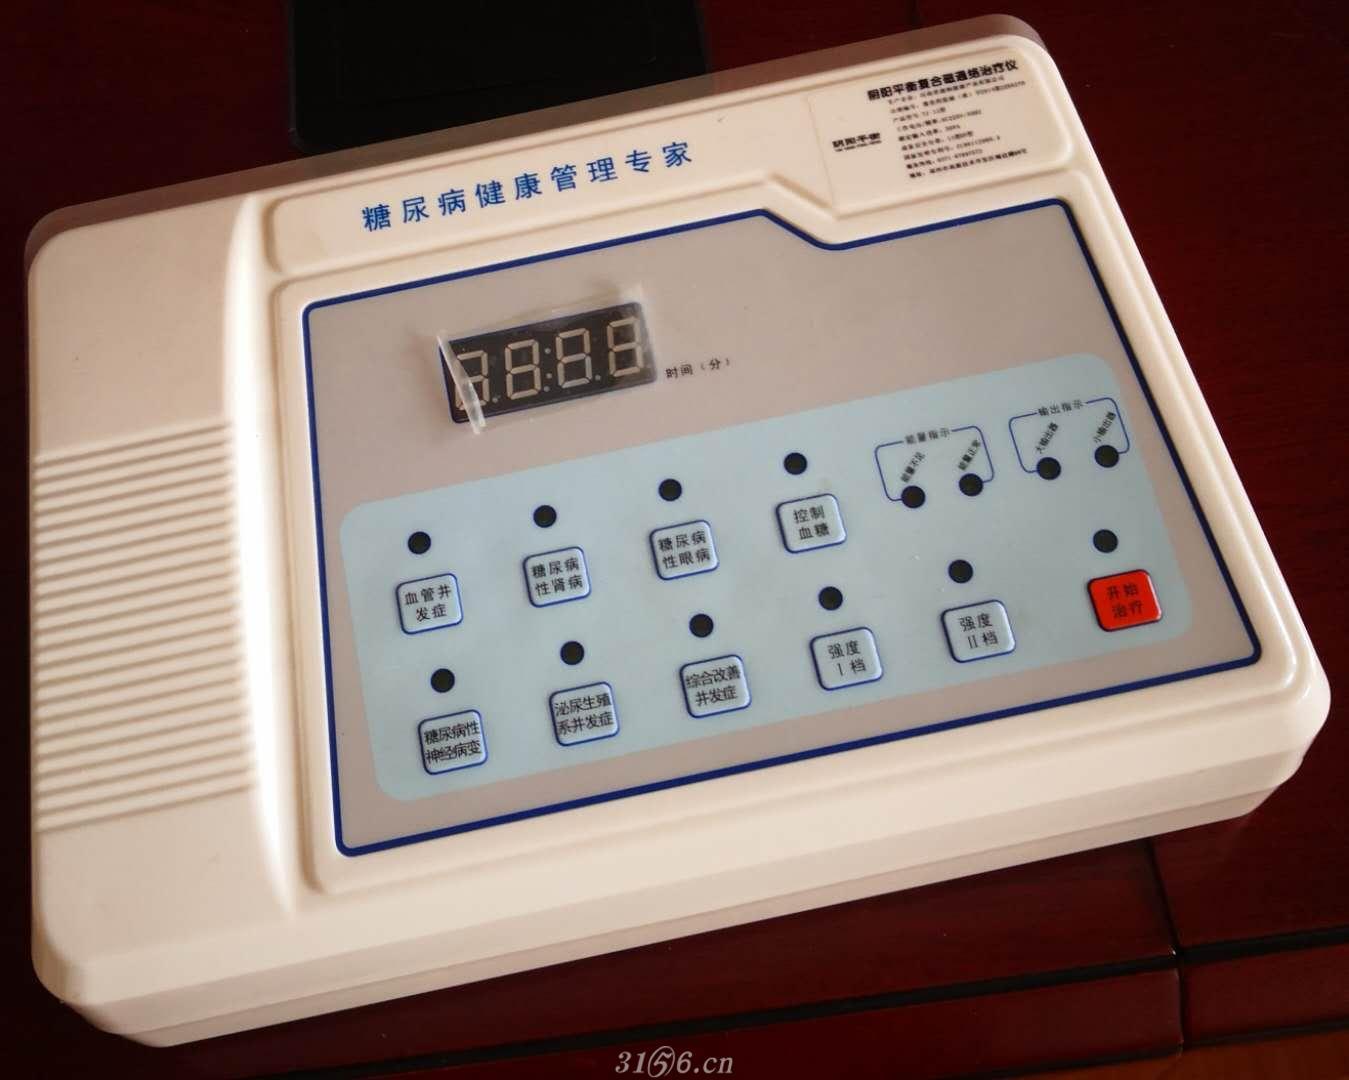 糖尿病治疗仪(台式)